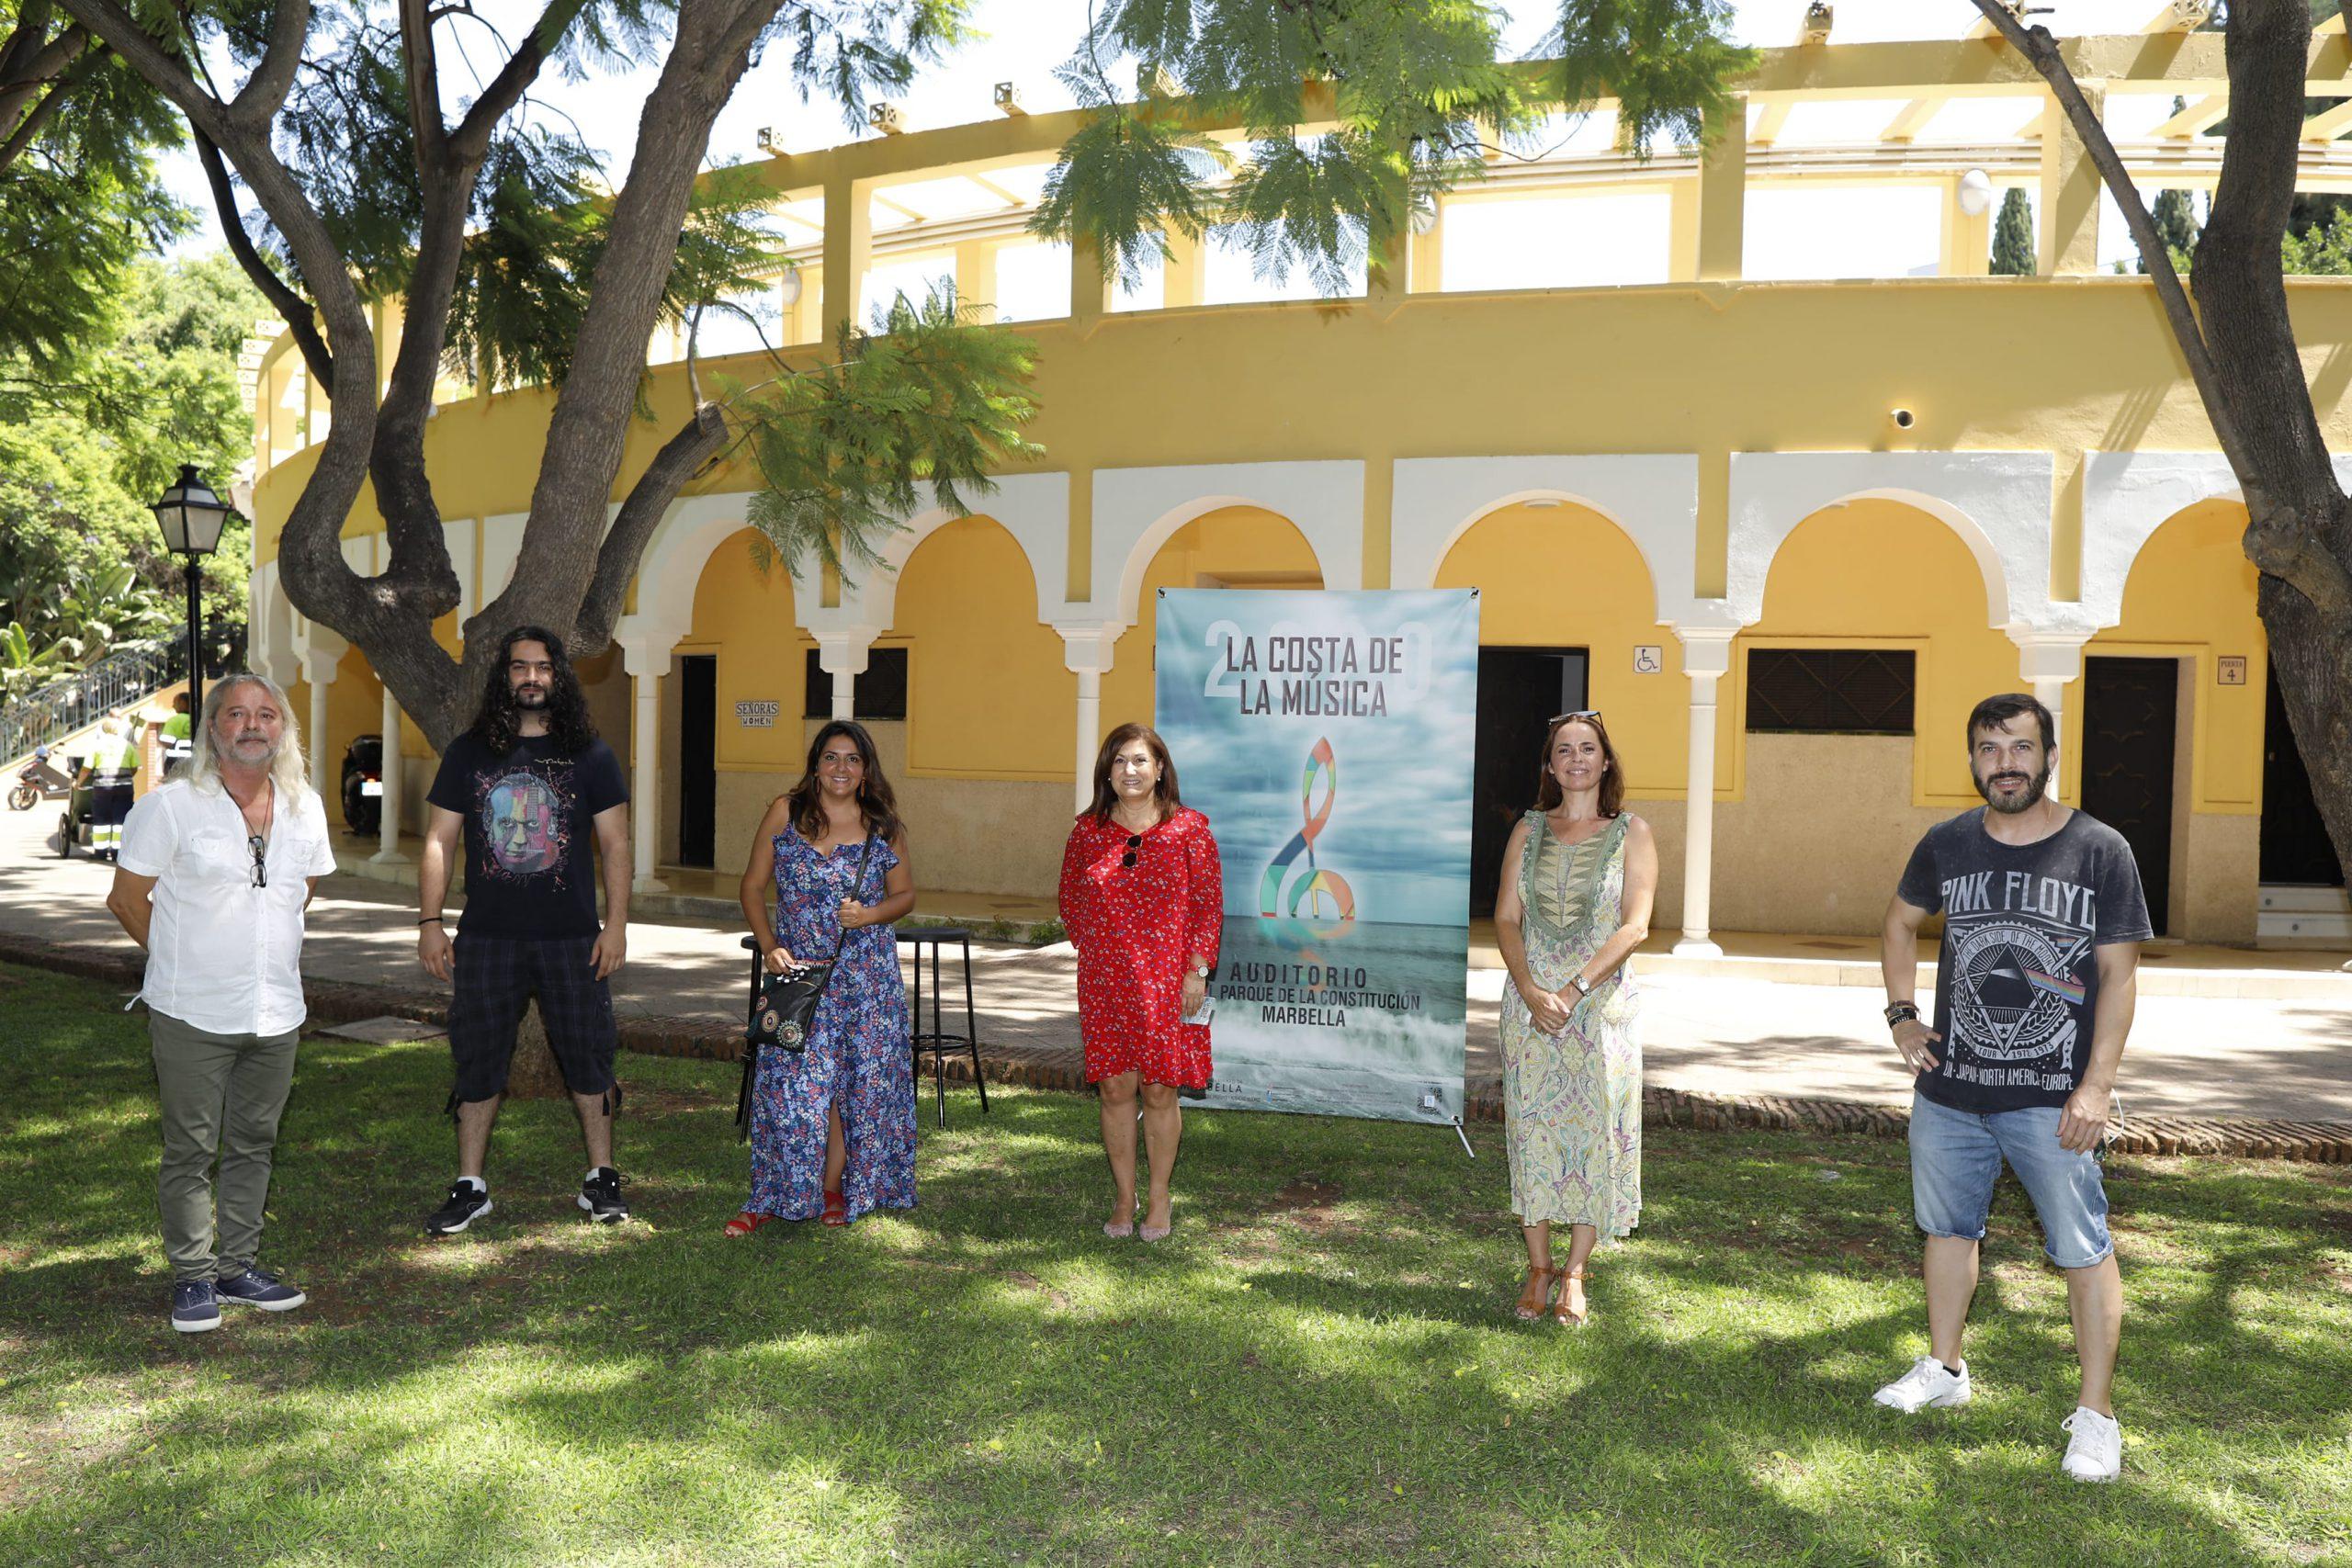 El Auditorio del Parque de la Constitución acogerá el ciclo 'La Costa de la Música'